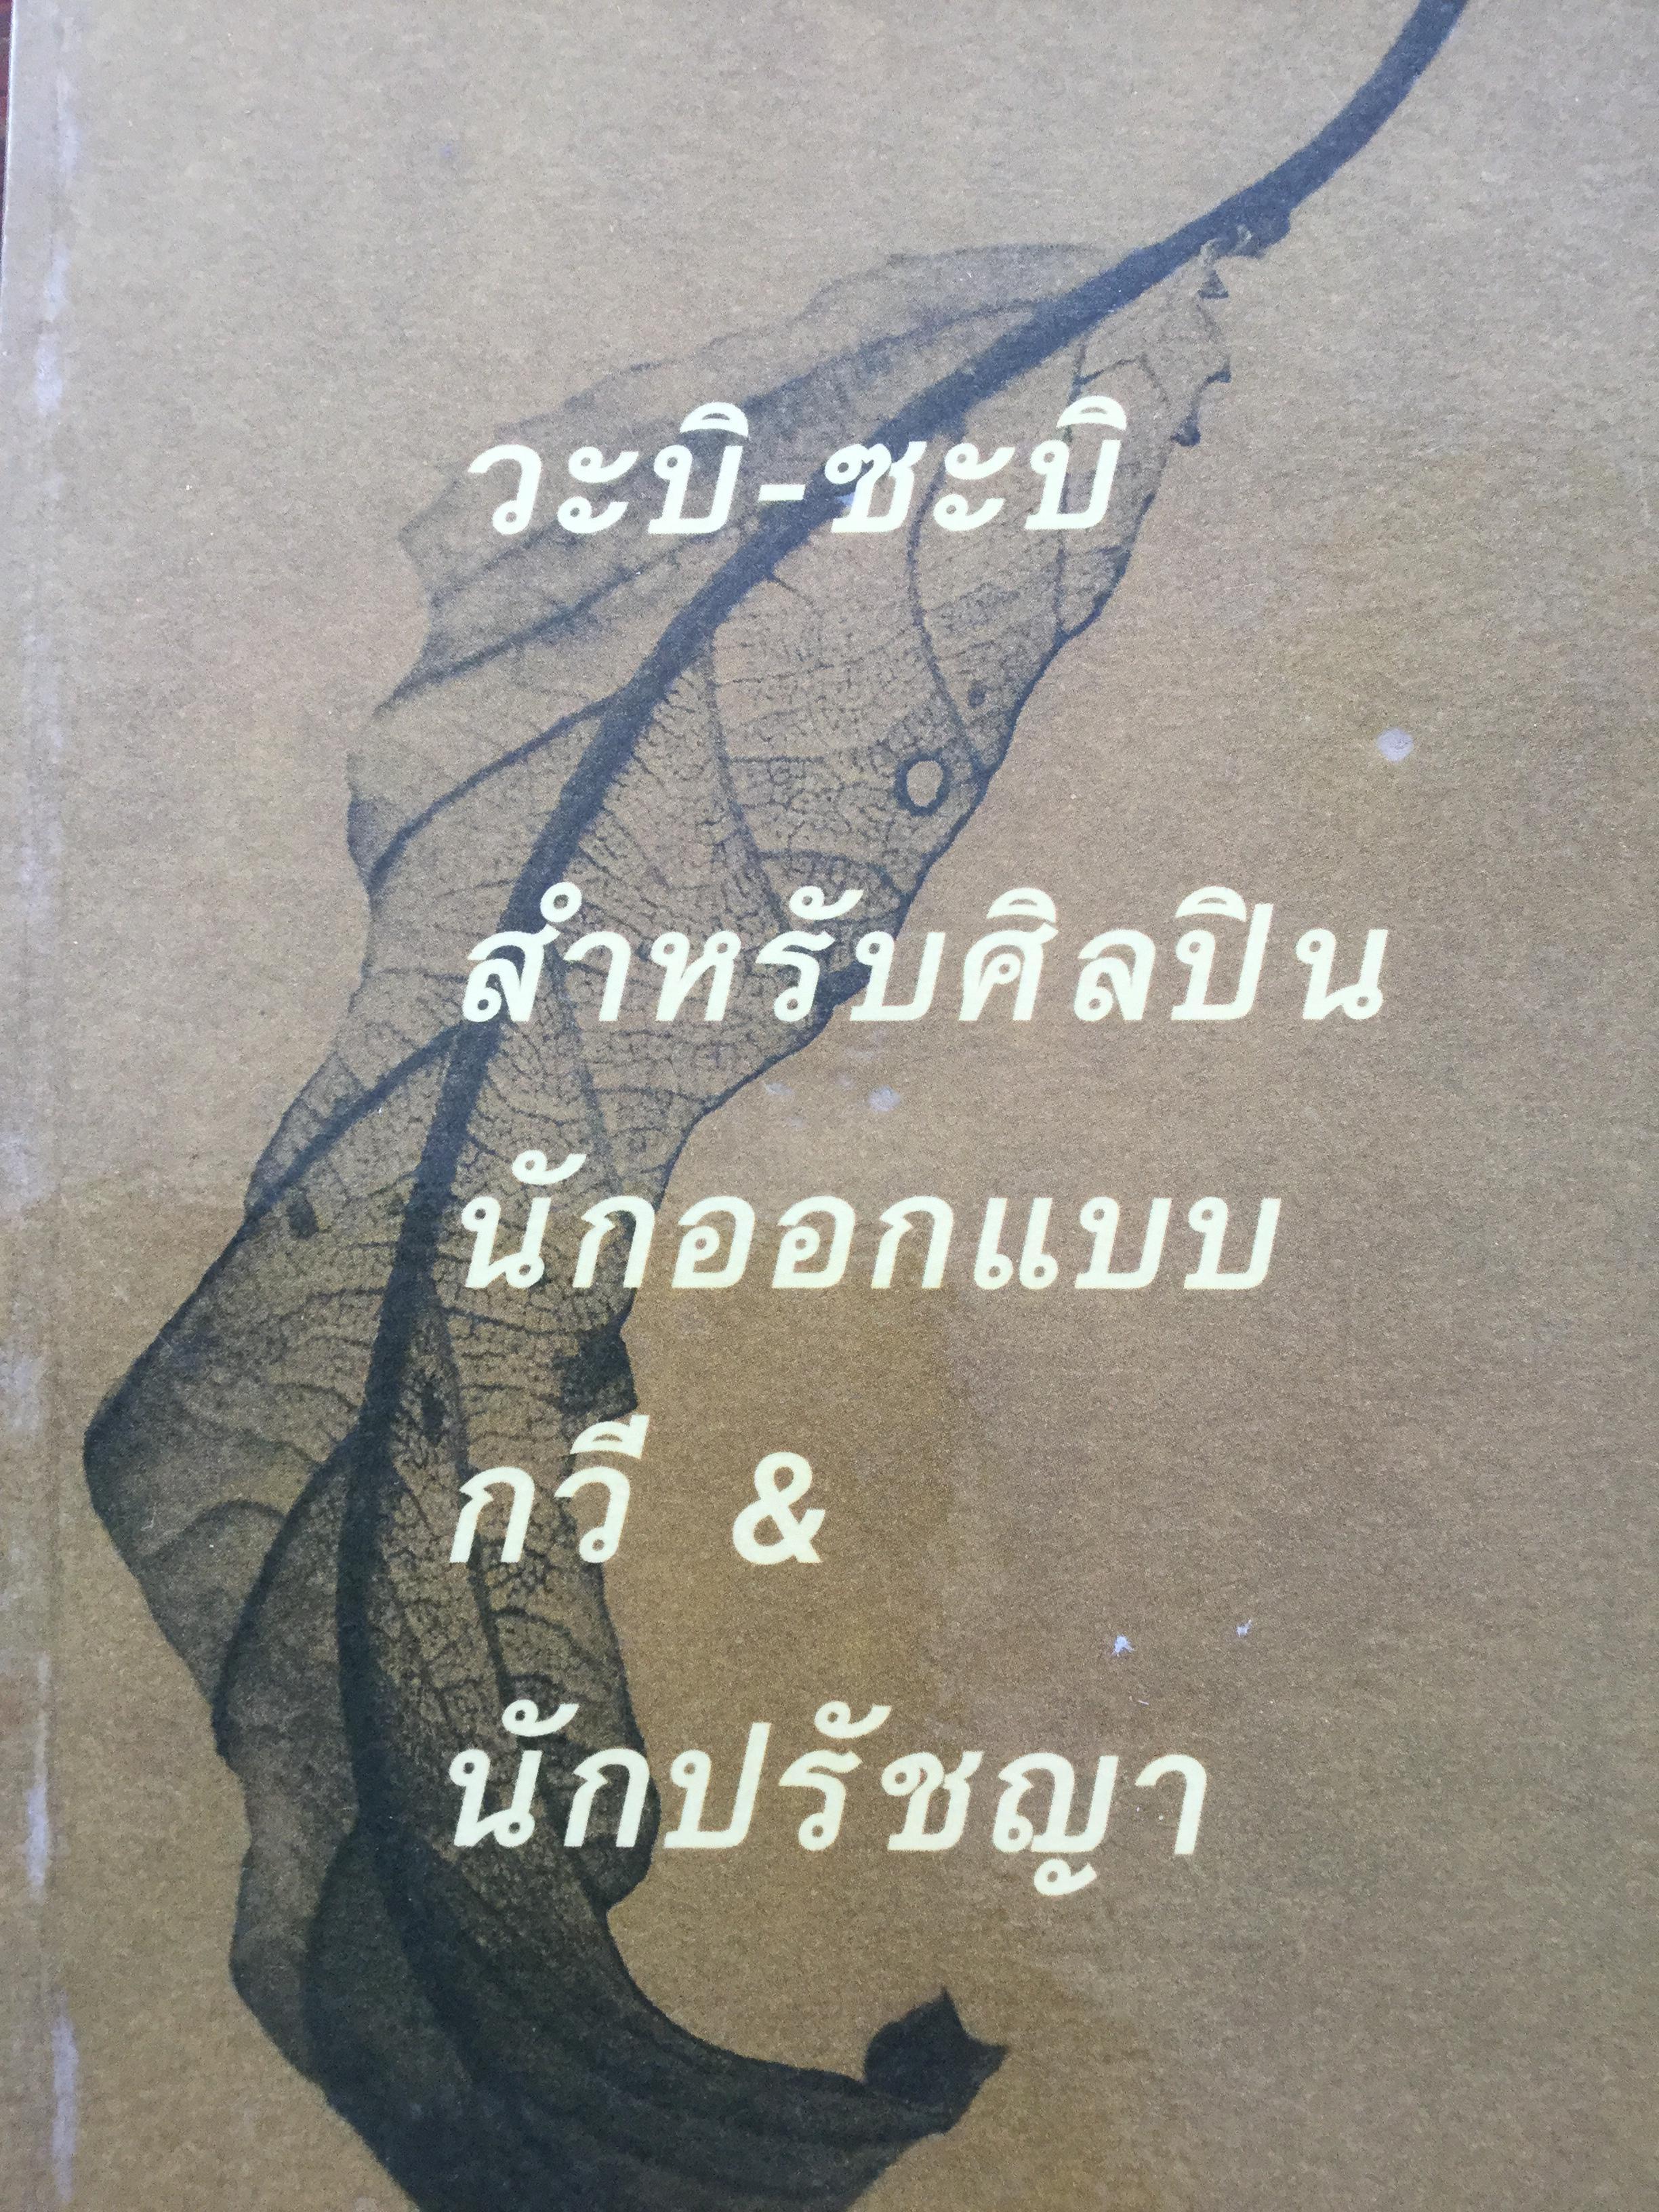 วะบิ-ซะบิ สำหรับศิลปิน นักออกแบบ กวี & นักปรัชญา. ผู้เขียน เลนนาร์ด โคเคน ผู้แปล กรินทร์ กลิ่นขจร